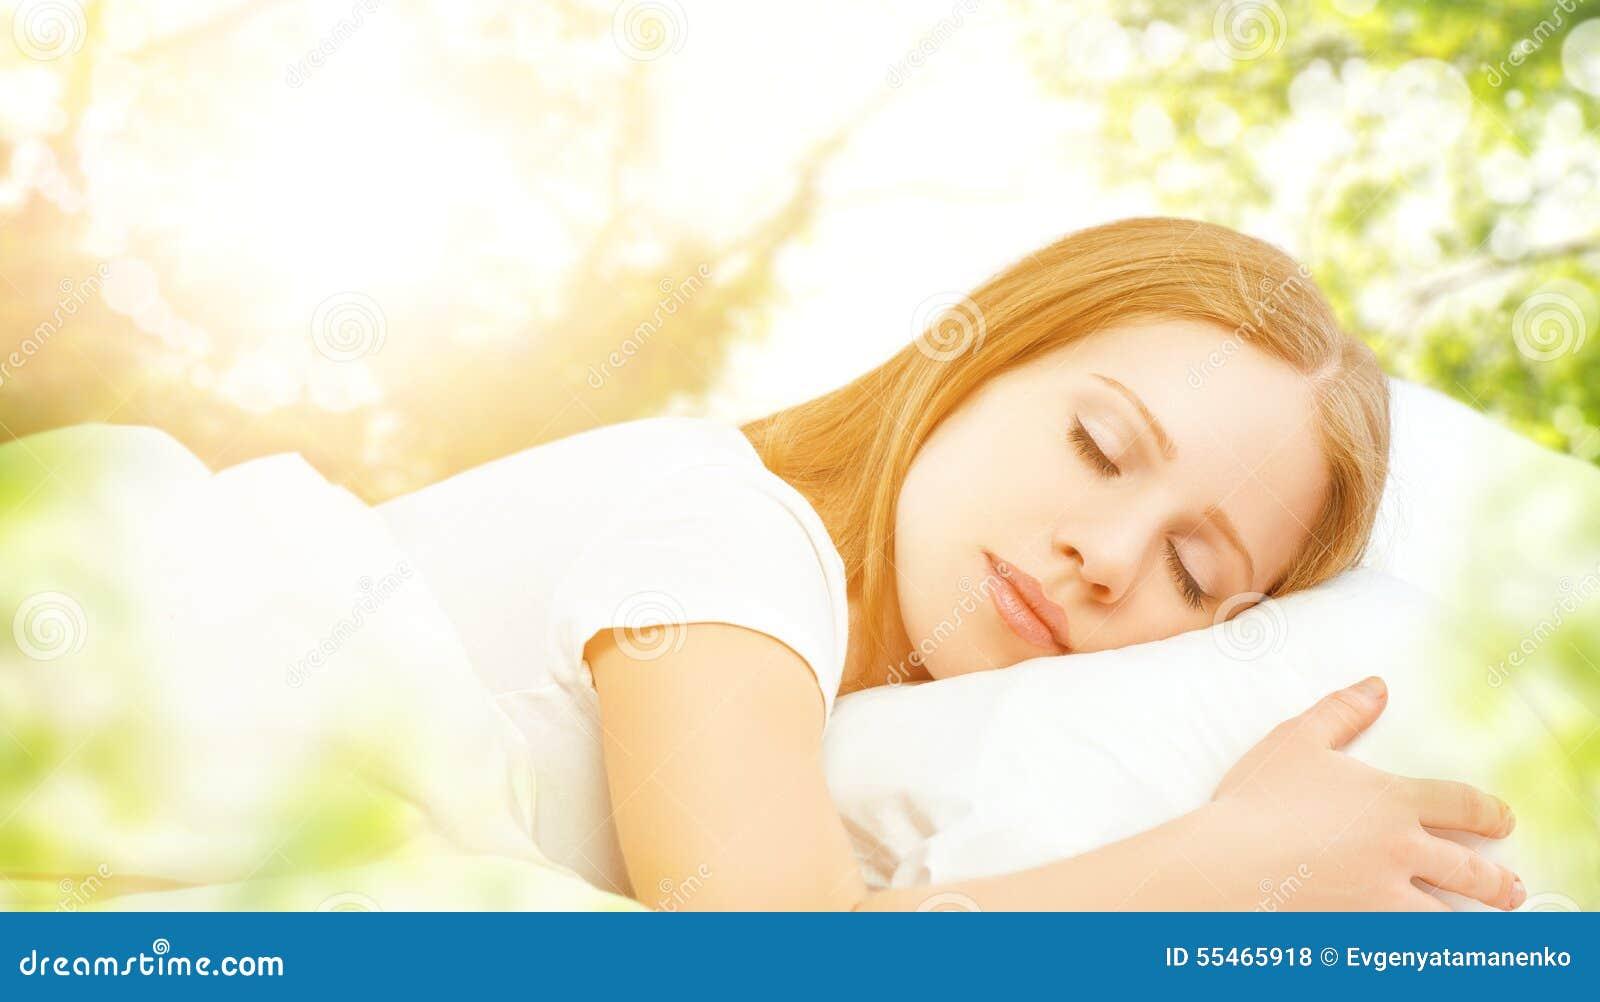 Concepto de descanso y relajación mujer que duerme en cama en el CCB